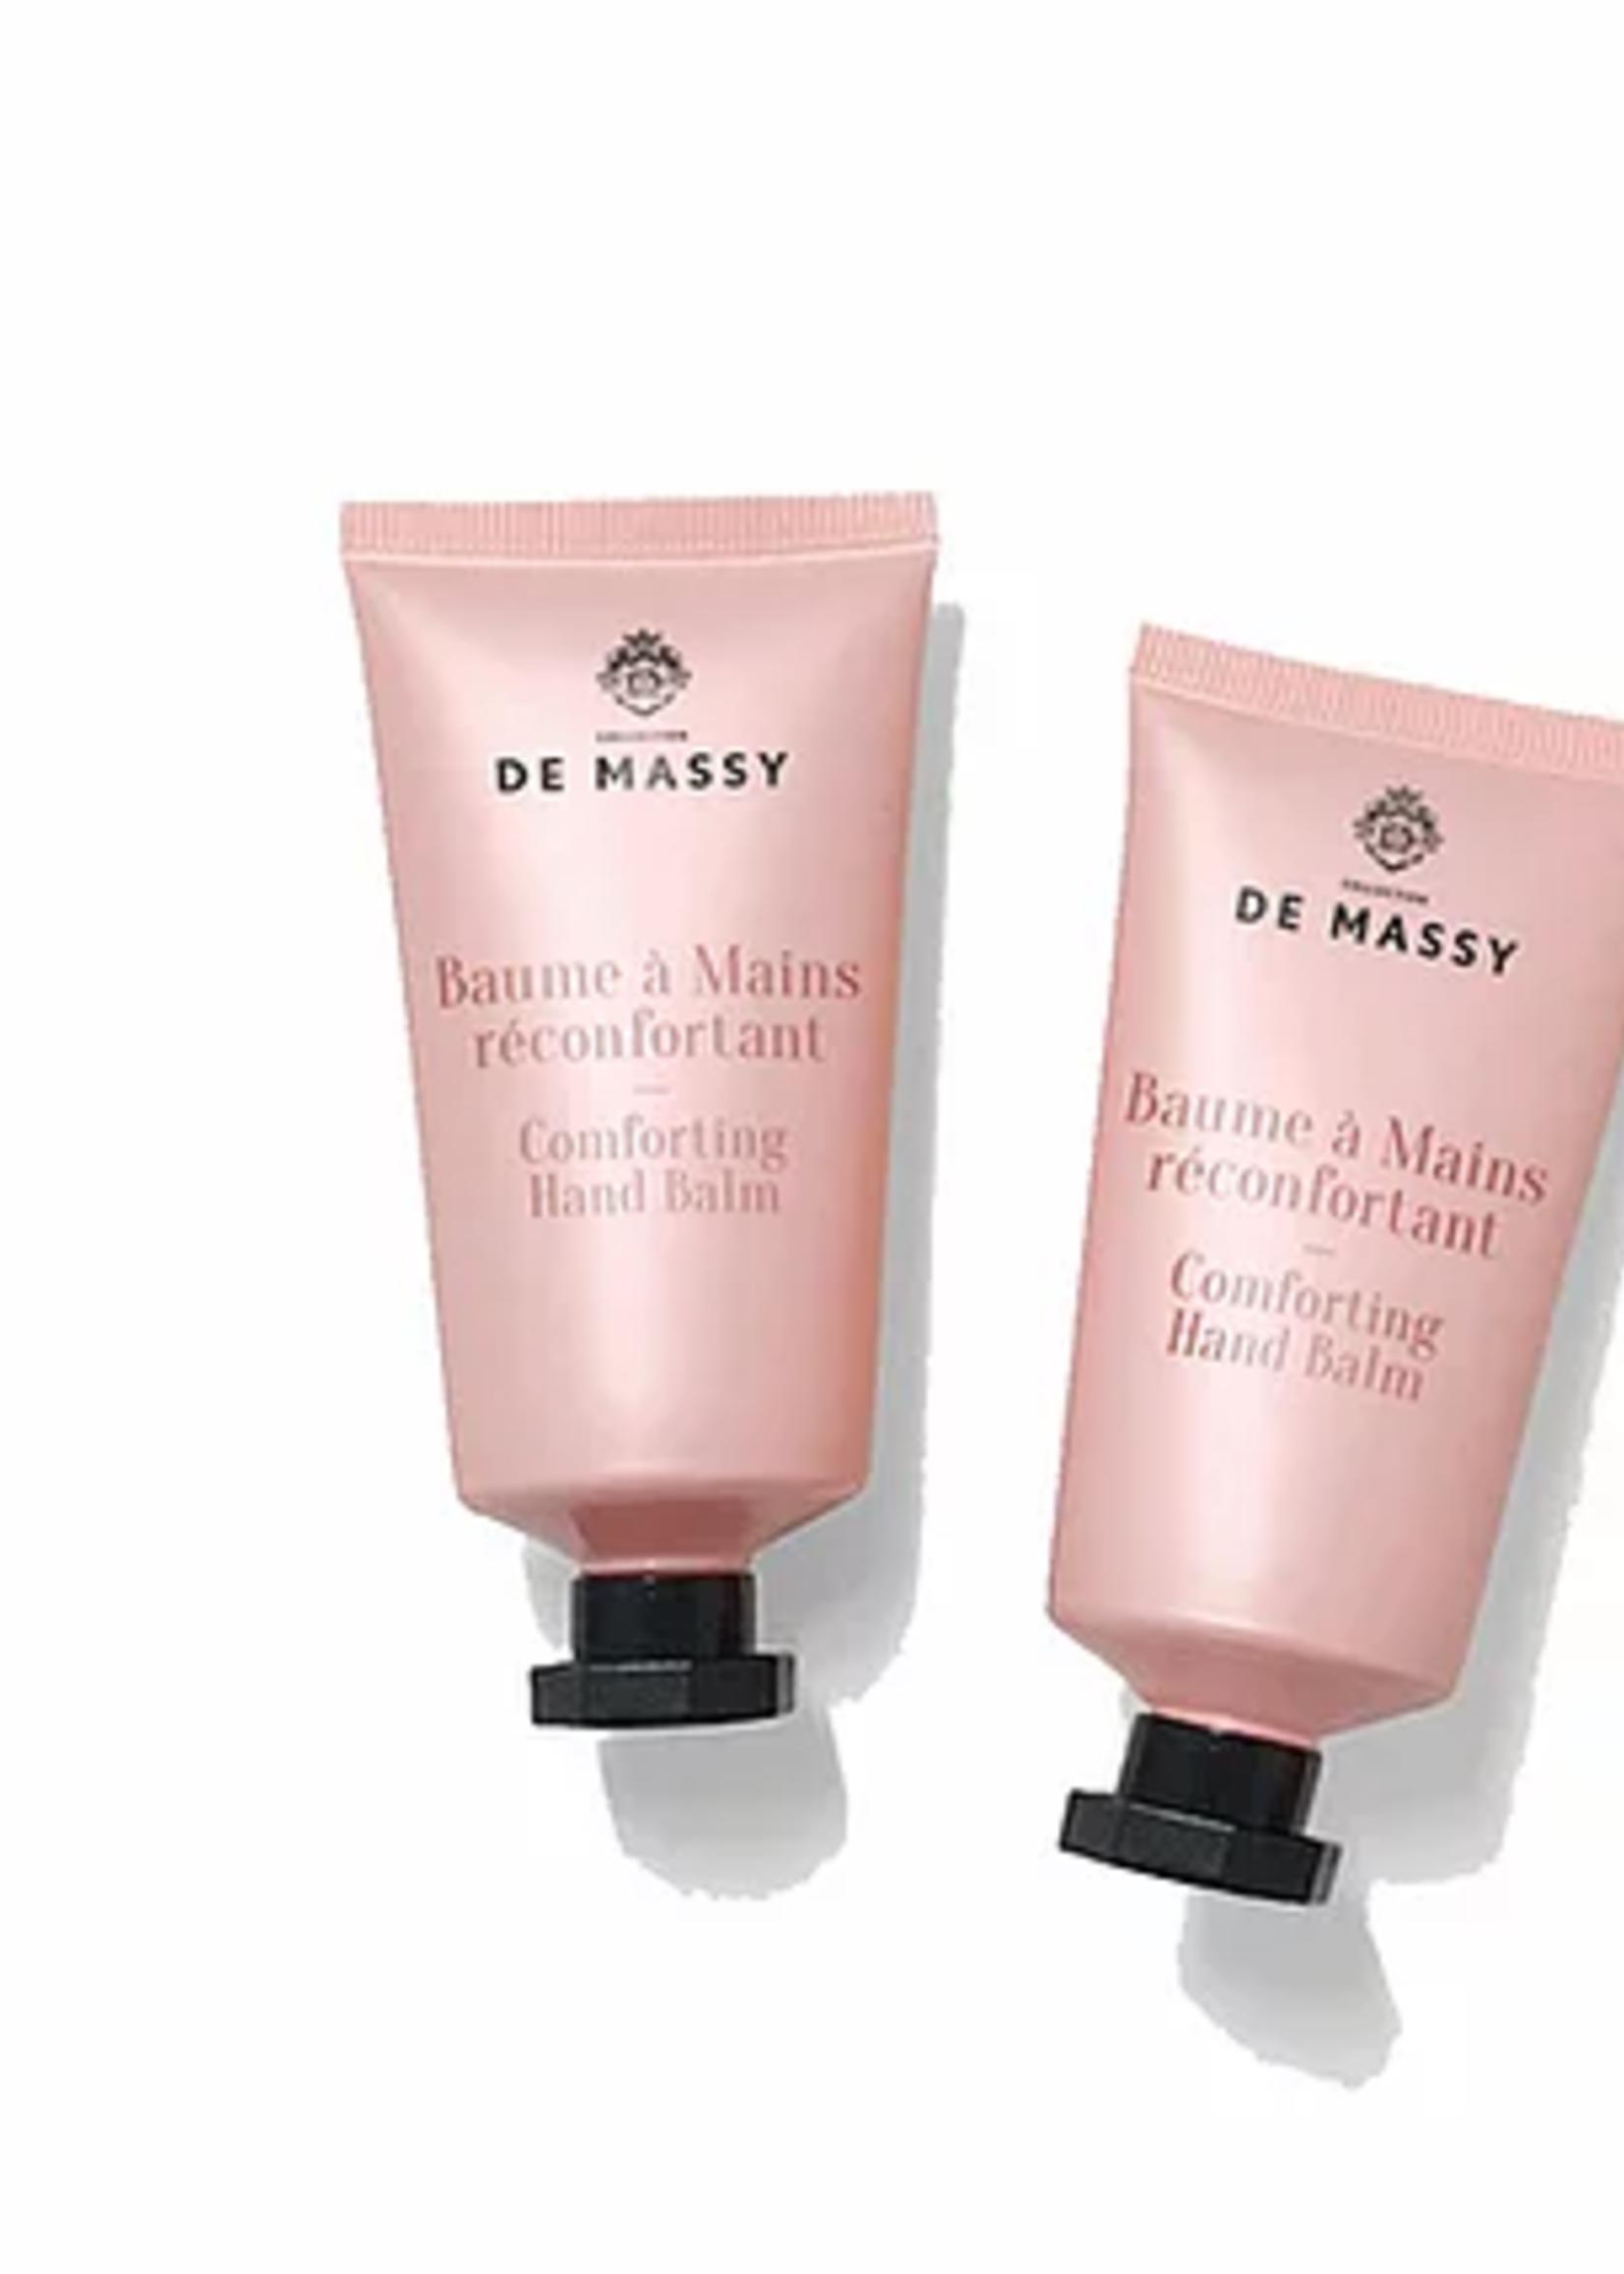 Collection de Massy Baume à main - Collection De Massy